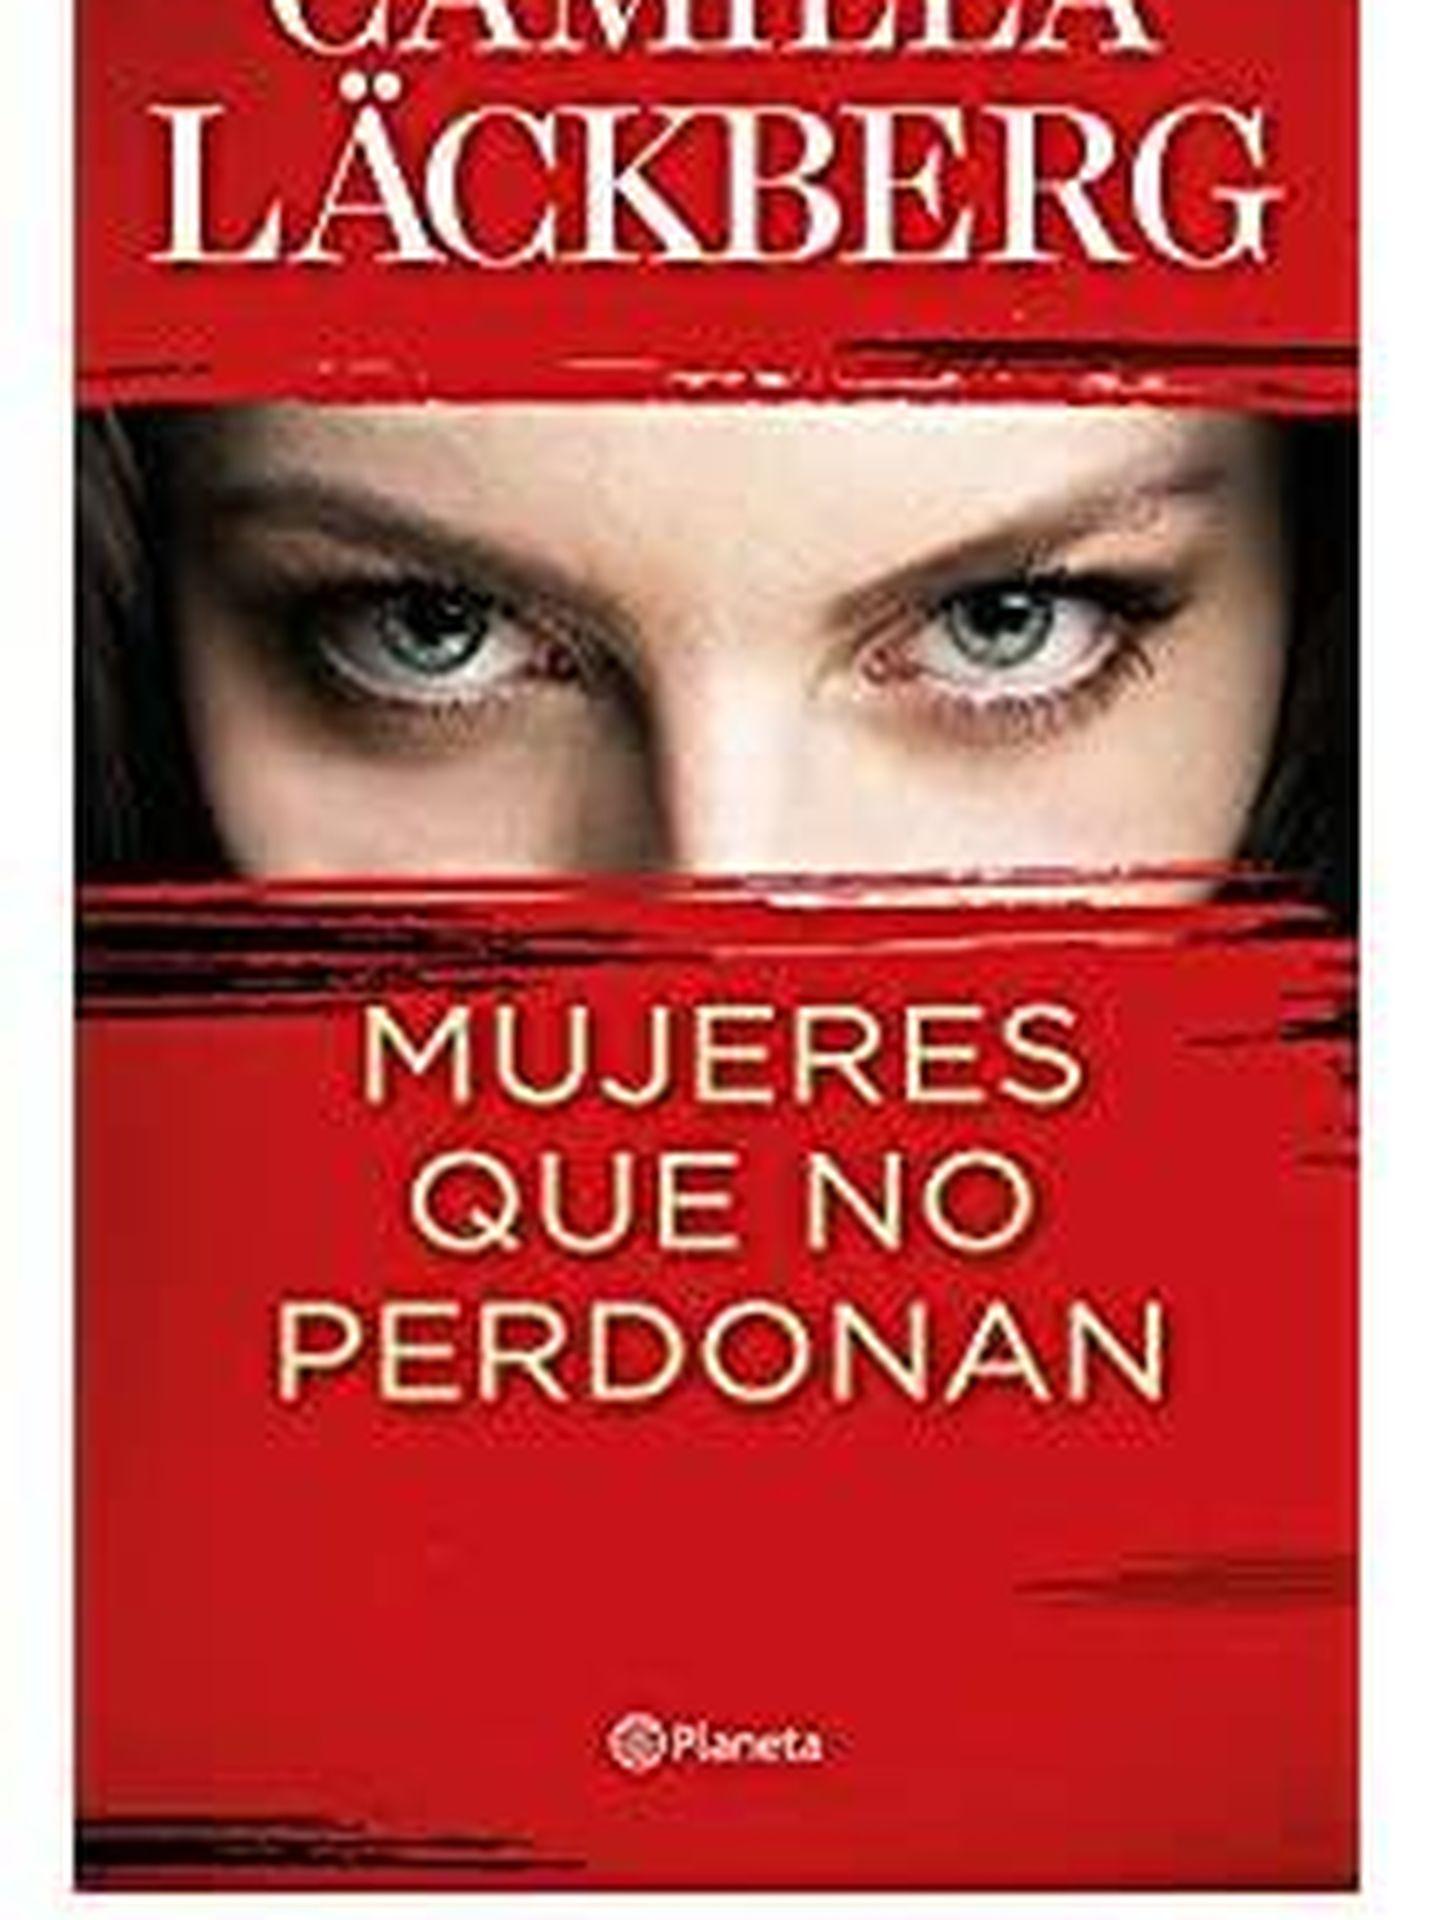 'Mujeres que no perdonan'.